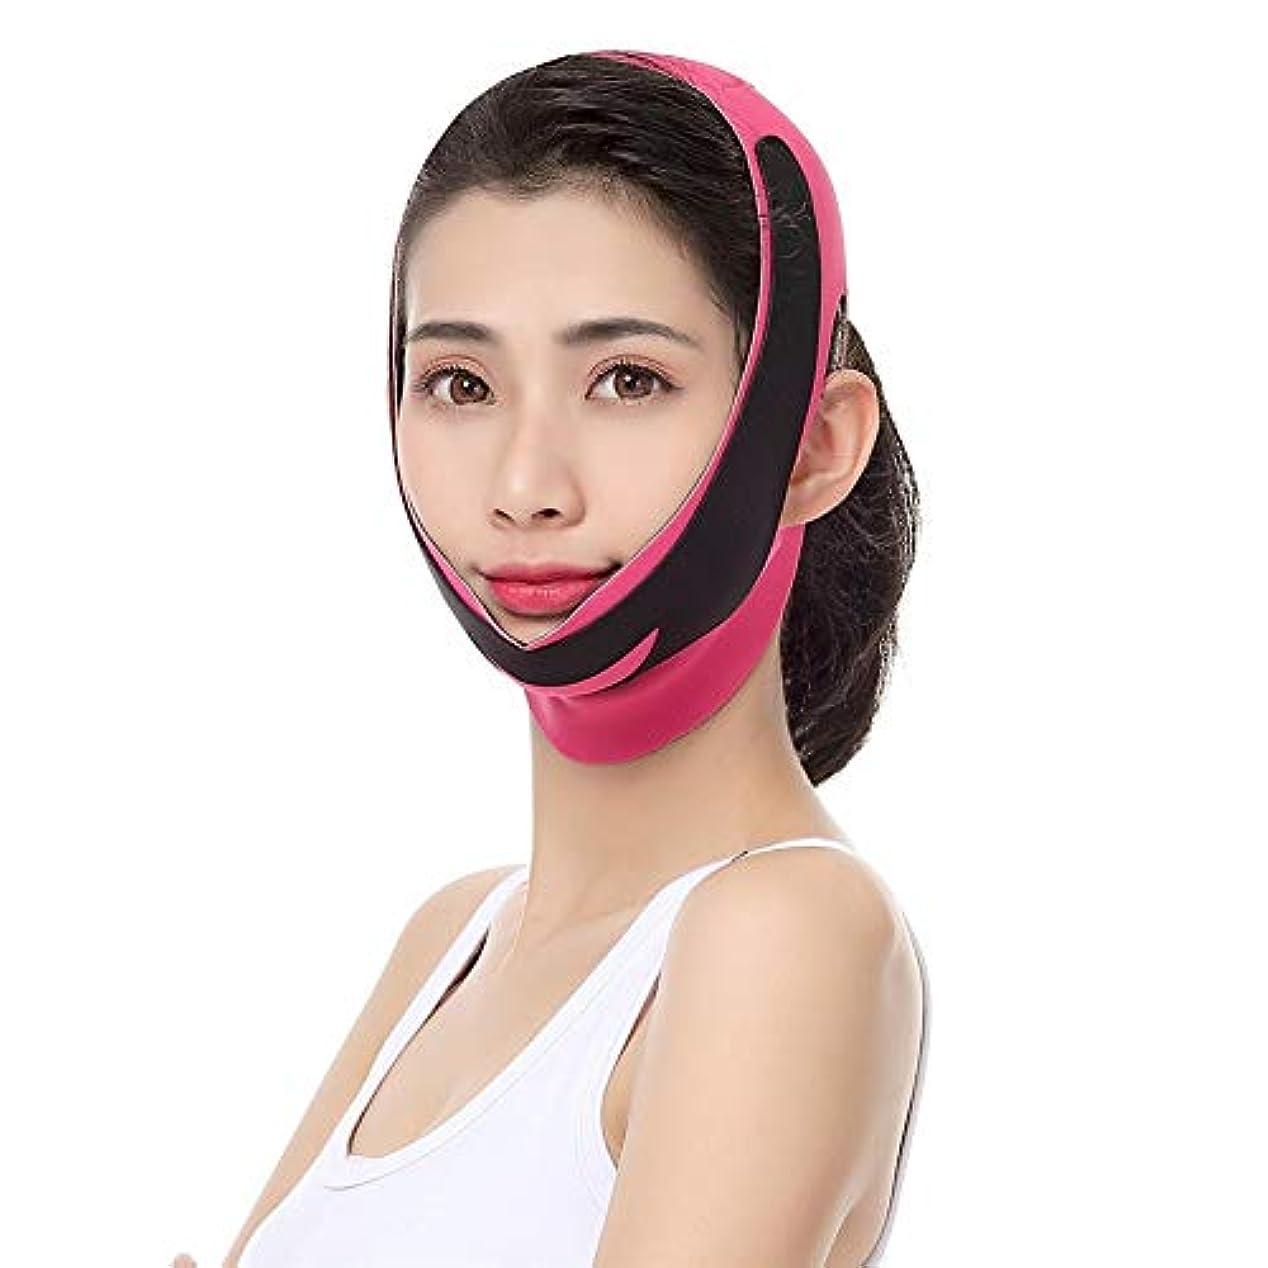 振り向く自動化オズワルド薄い顔ベルト、フェイスリフティング包帯通気性と軽二重あご包帯?フェイシャルリフティングファーミングアンチリンクルスリープVフェイスステッカー (Color : A)